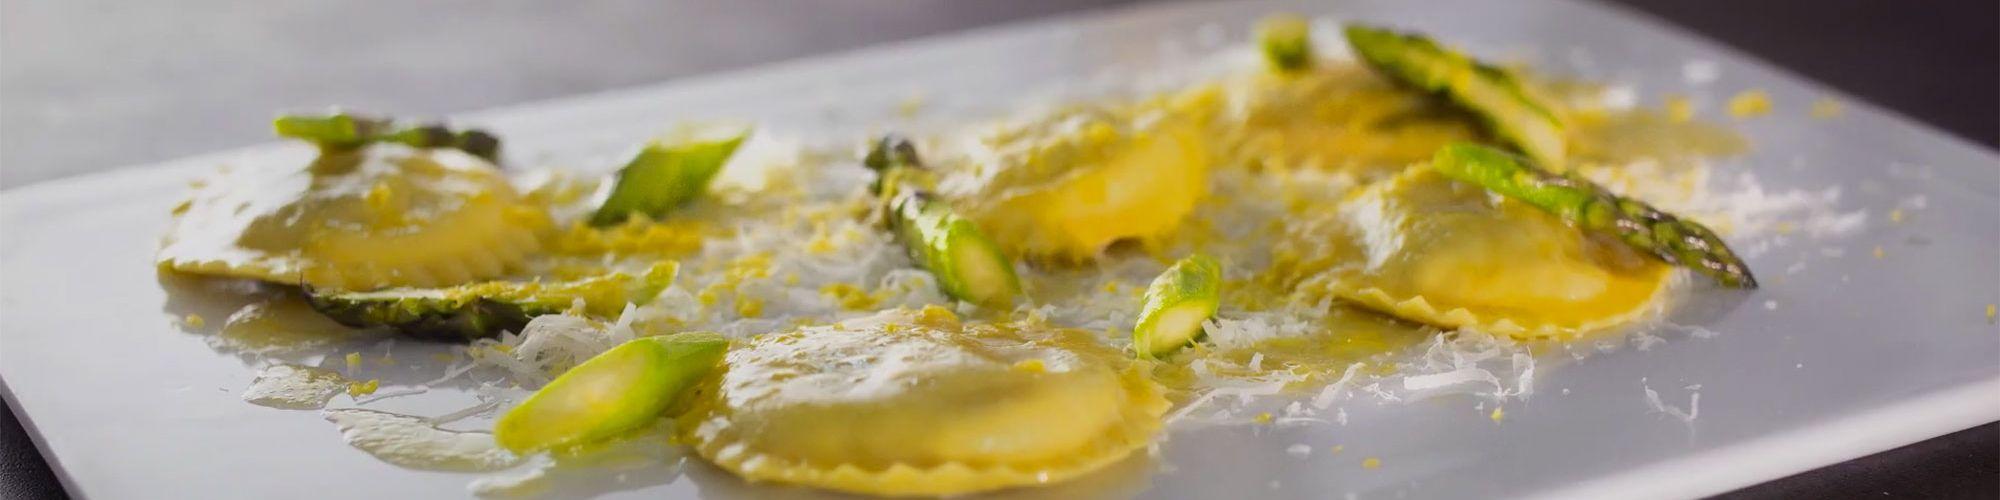 ricetta Medaglioni agli asparagi e pecorino con uovo grattugiato e burro al miele con pasta fresca